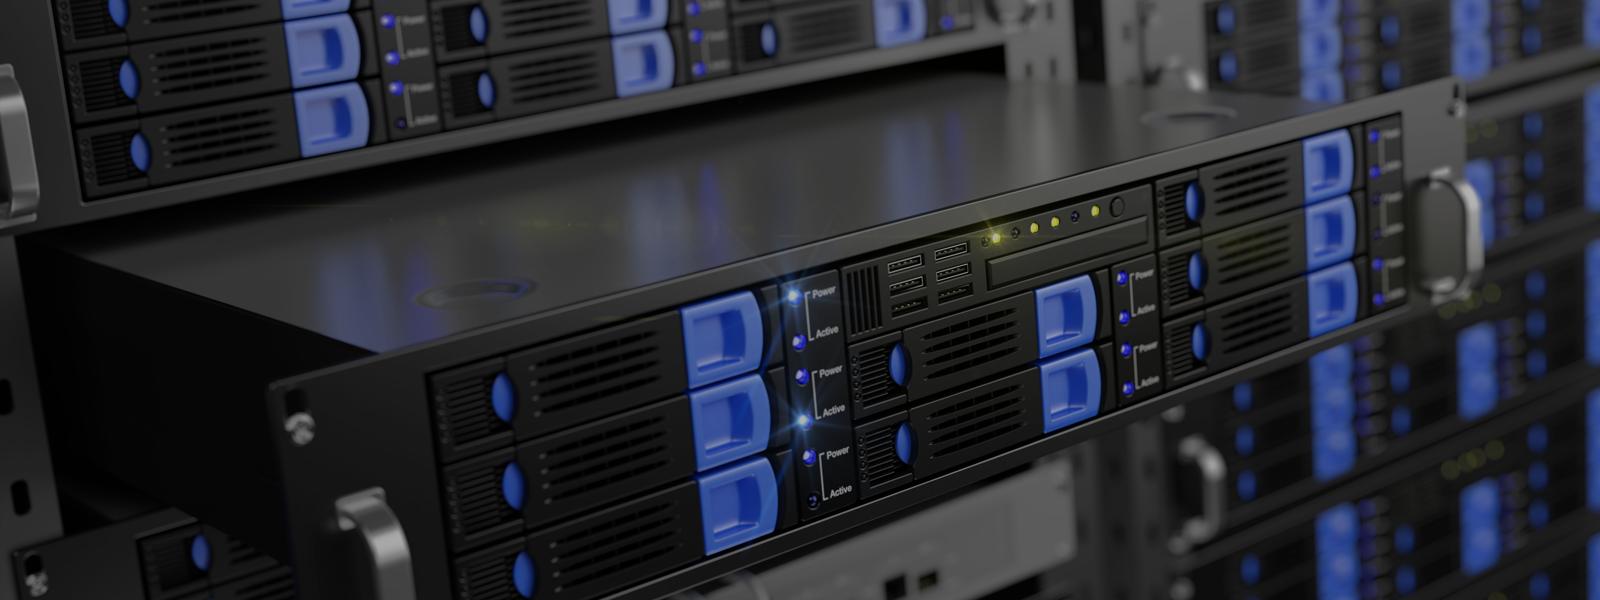 En dedikerad server i ett datacenter, med hög prestanda och säkerhet.